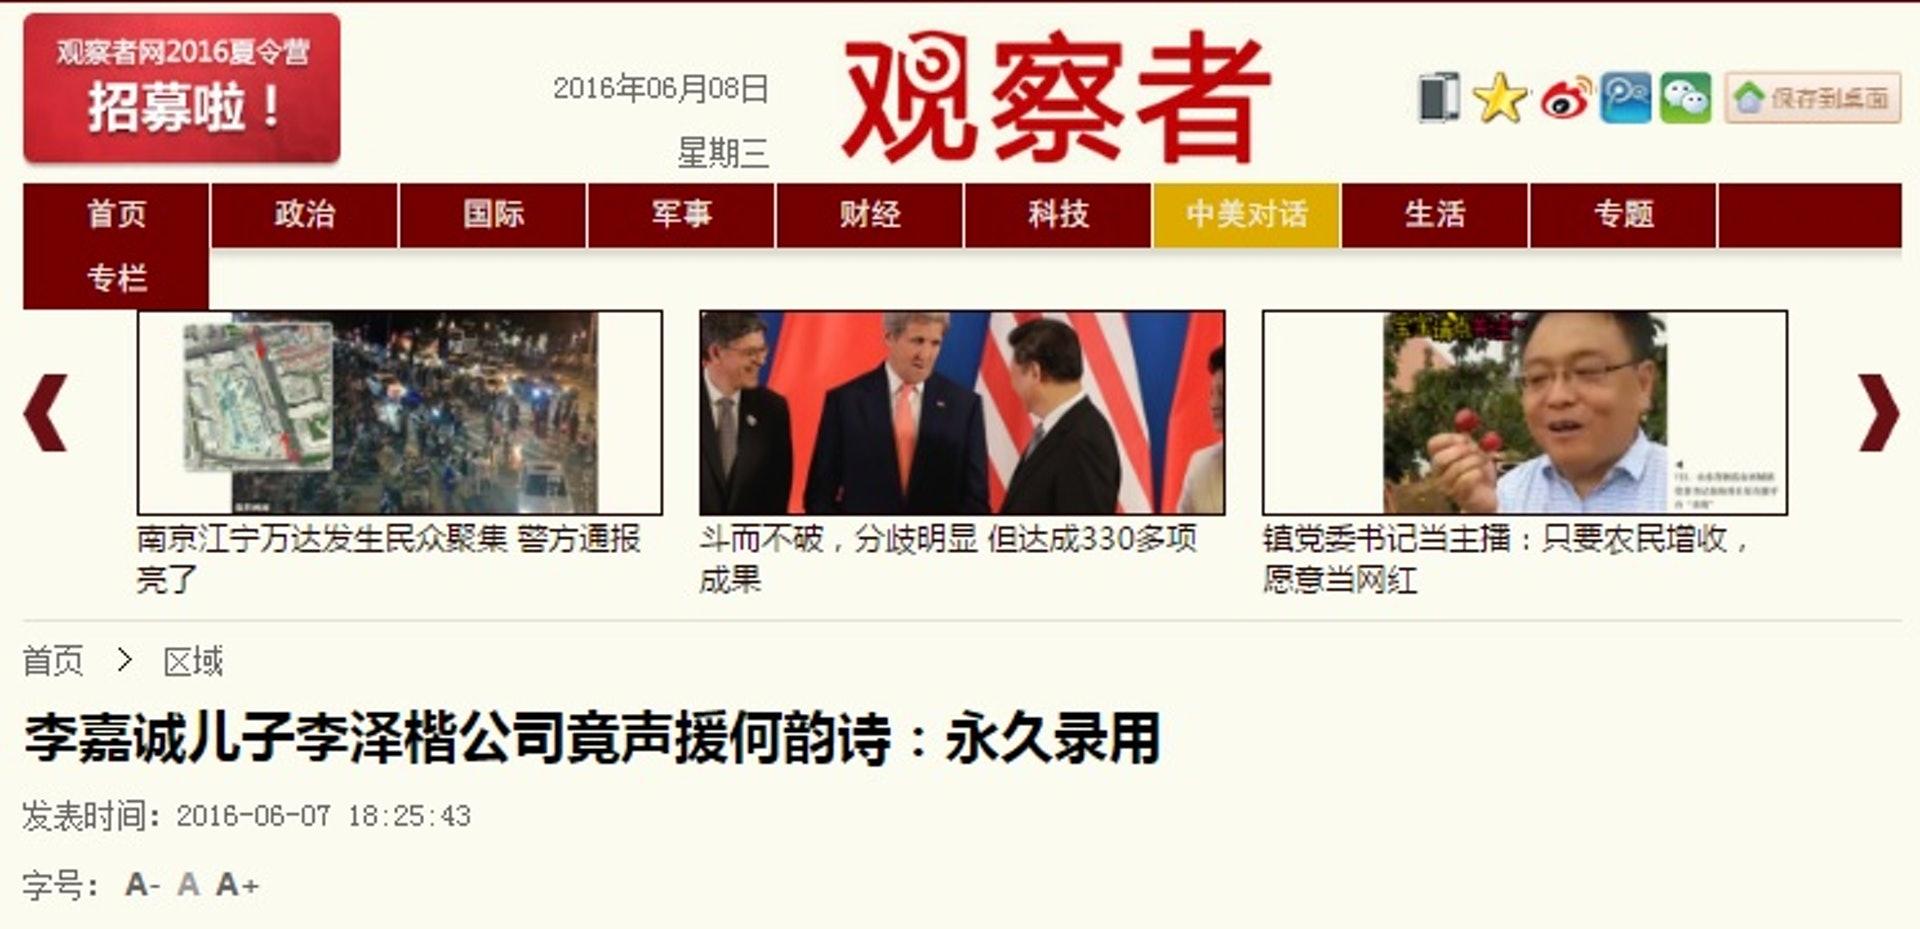 內地「觀察者網」昨報道MOOV支持何韻詩,將李嘉誠拖落水,本港《文匯報》今日也有一度在網上轉載,但其後刪除。